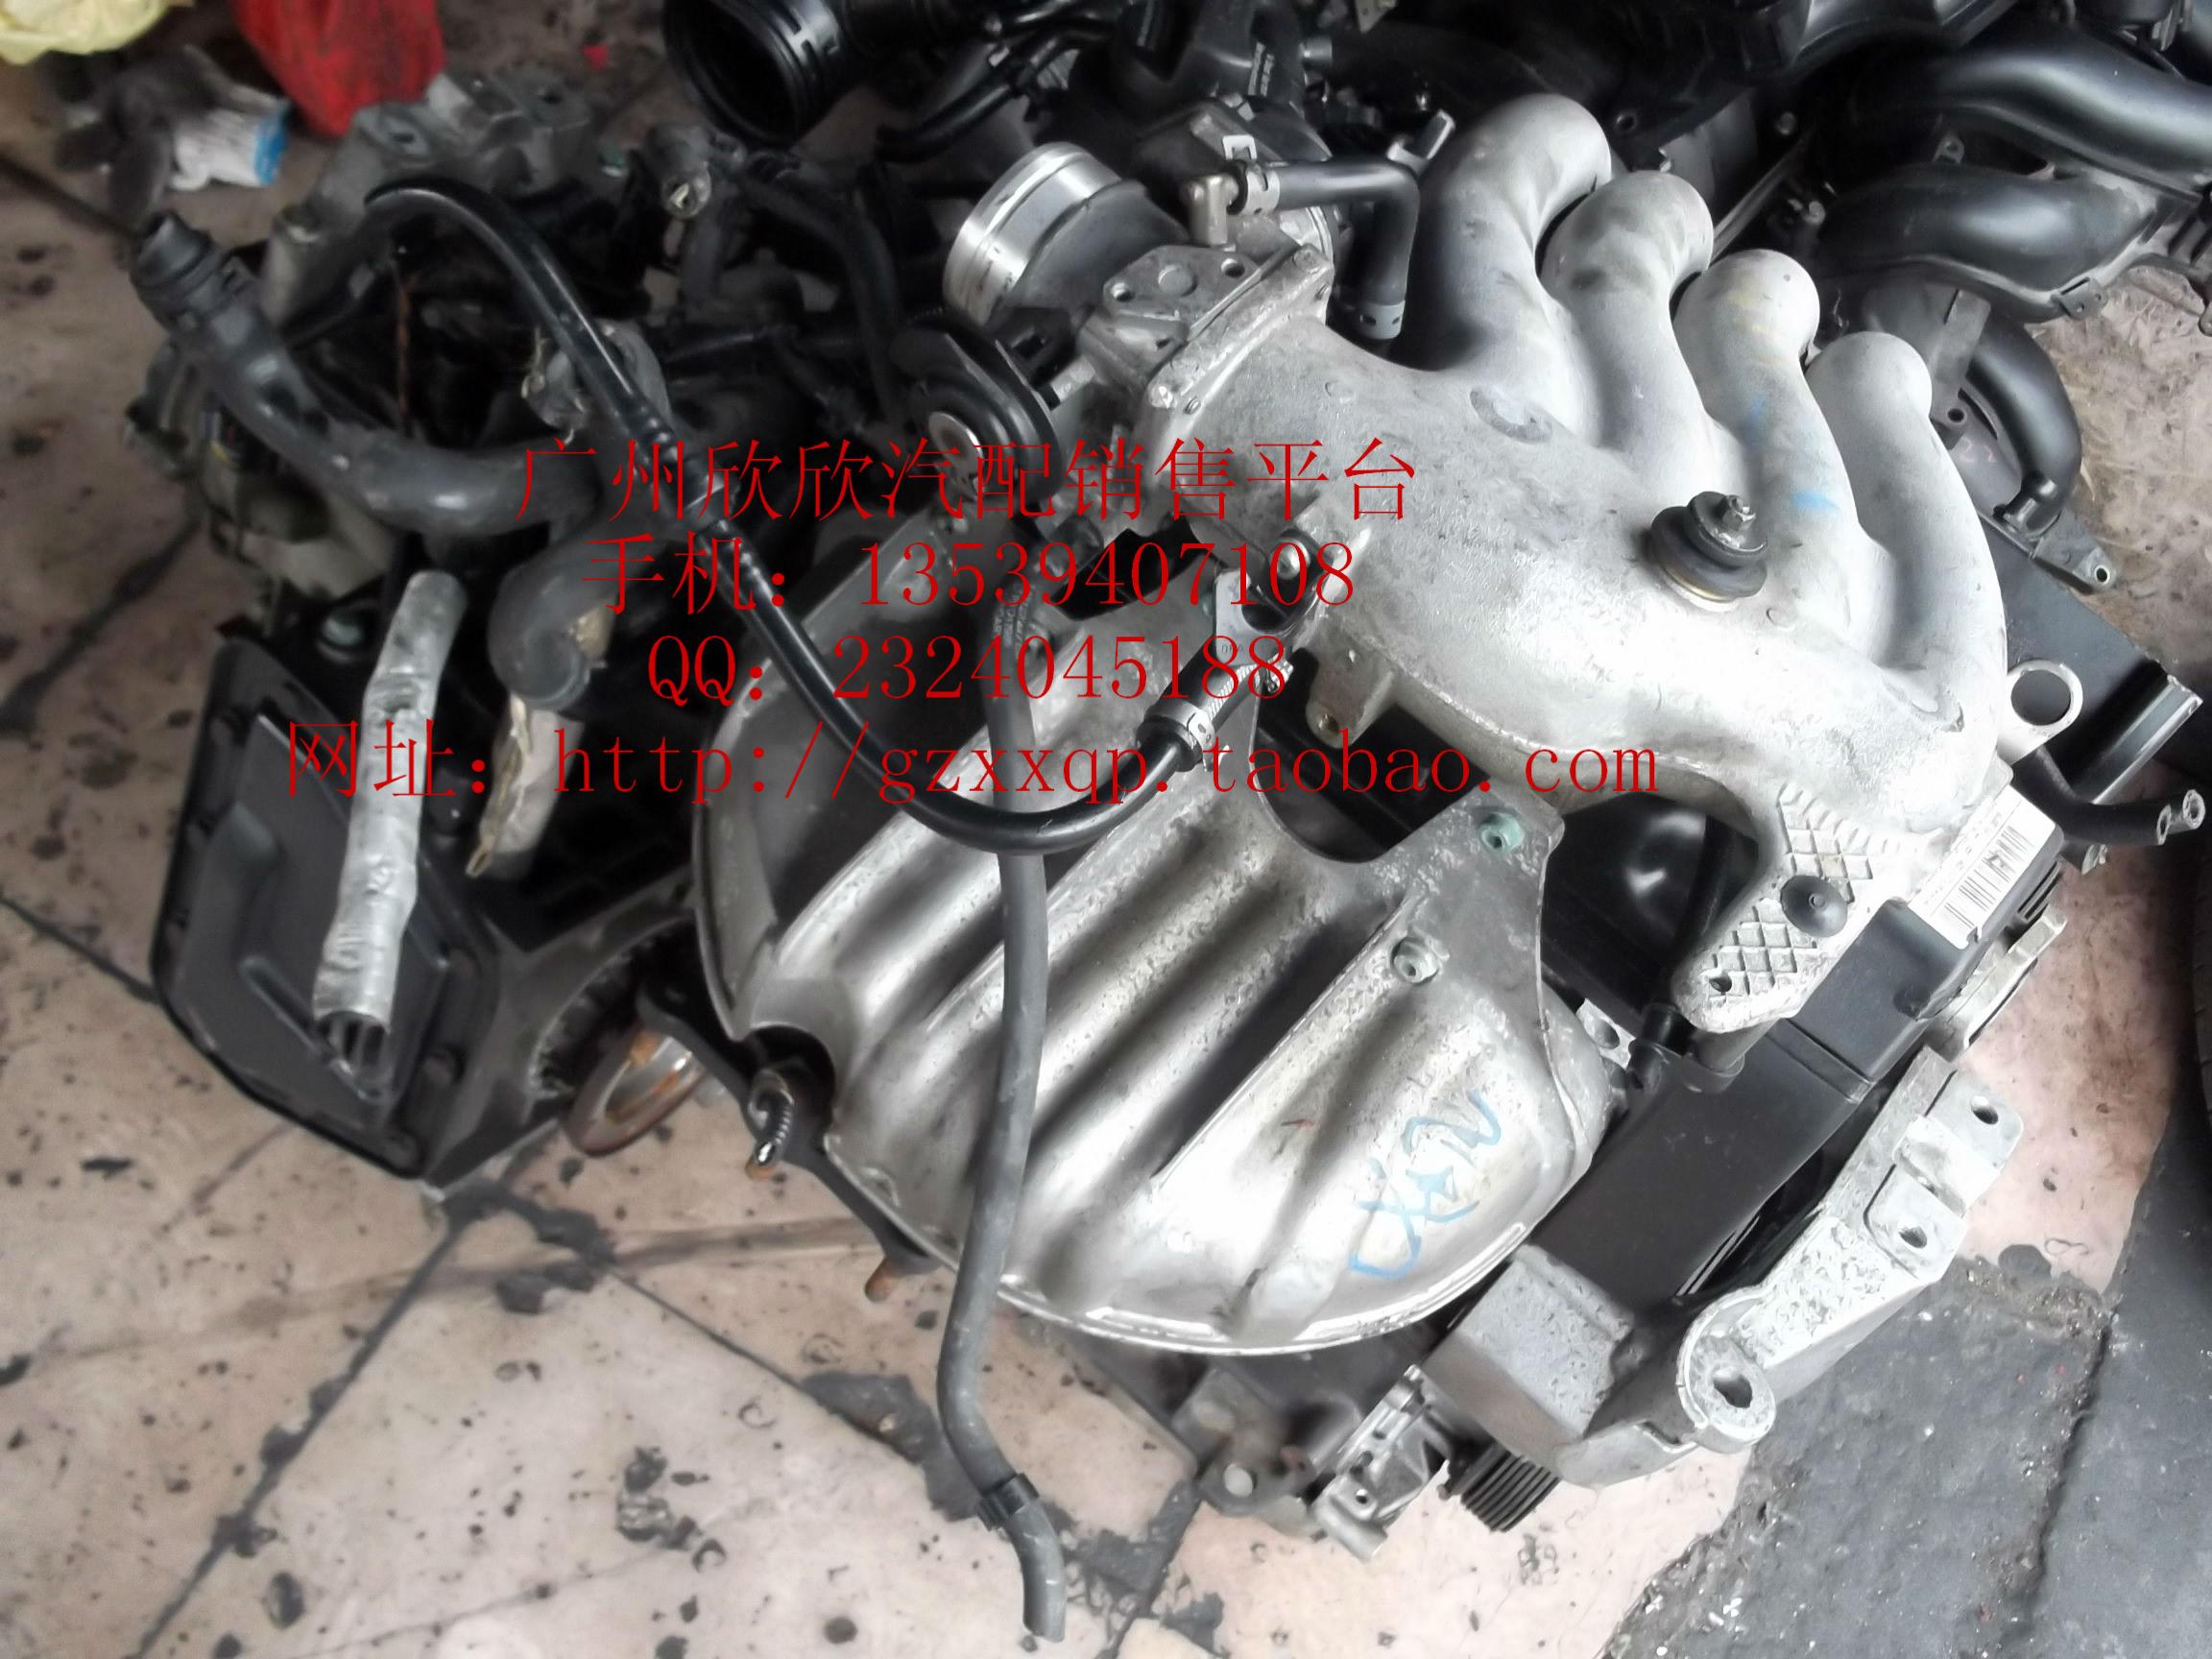 帕萨特b5发动机配件_大众捷达发动机 拆车件 POLO波罗 高尔夫 帕萨特B5 迈腾 发电机